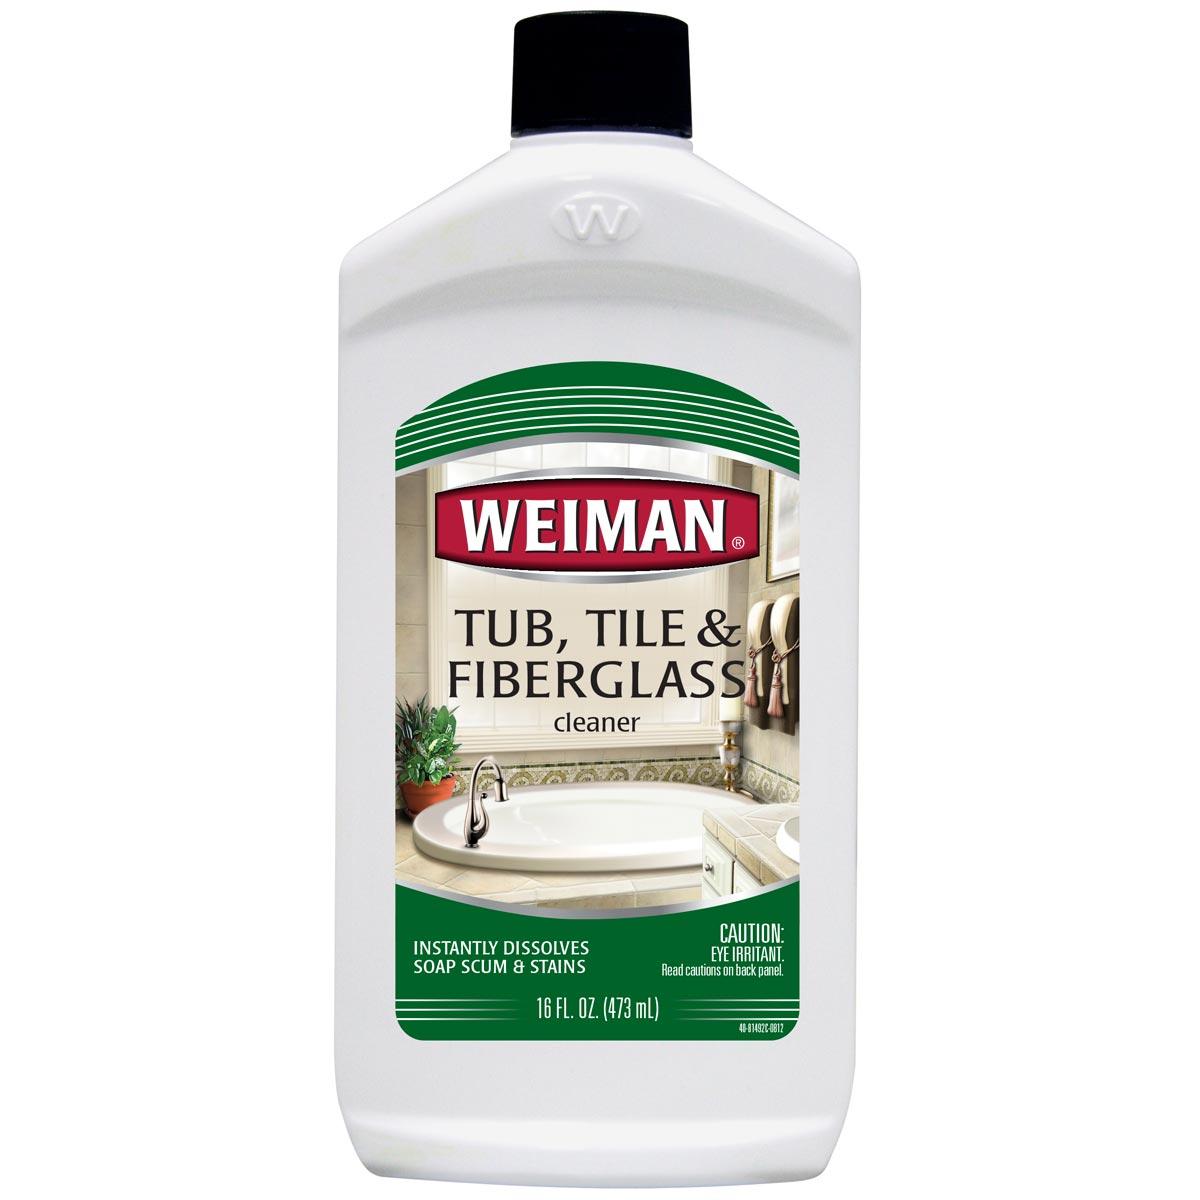 https://googone.com/media/catalog/product/w/e/weiman-fiberglass-cleaner_front.jpg